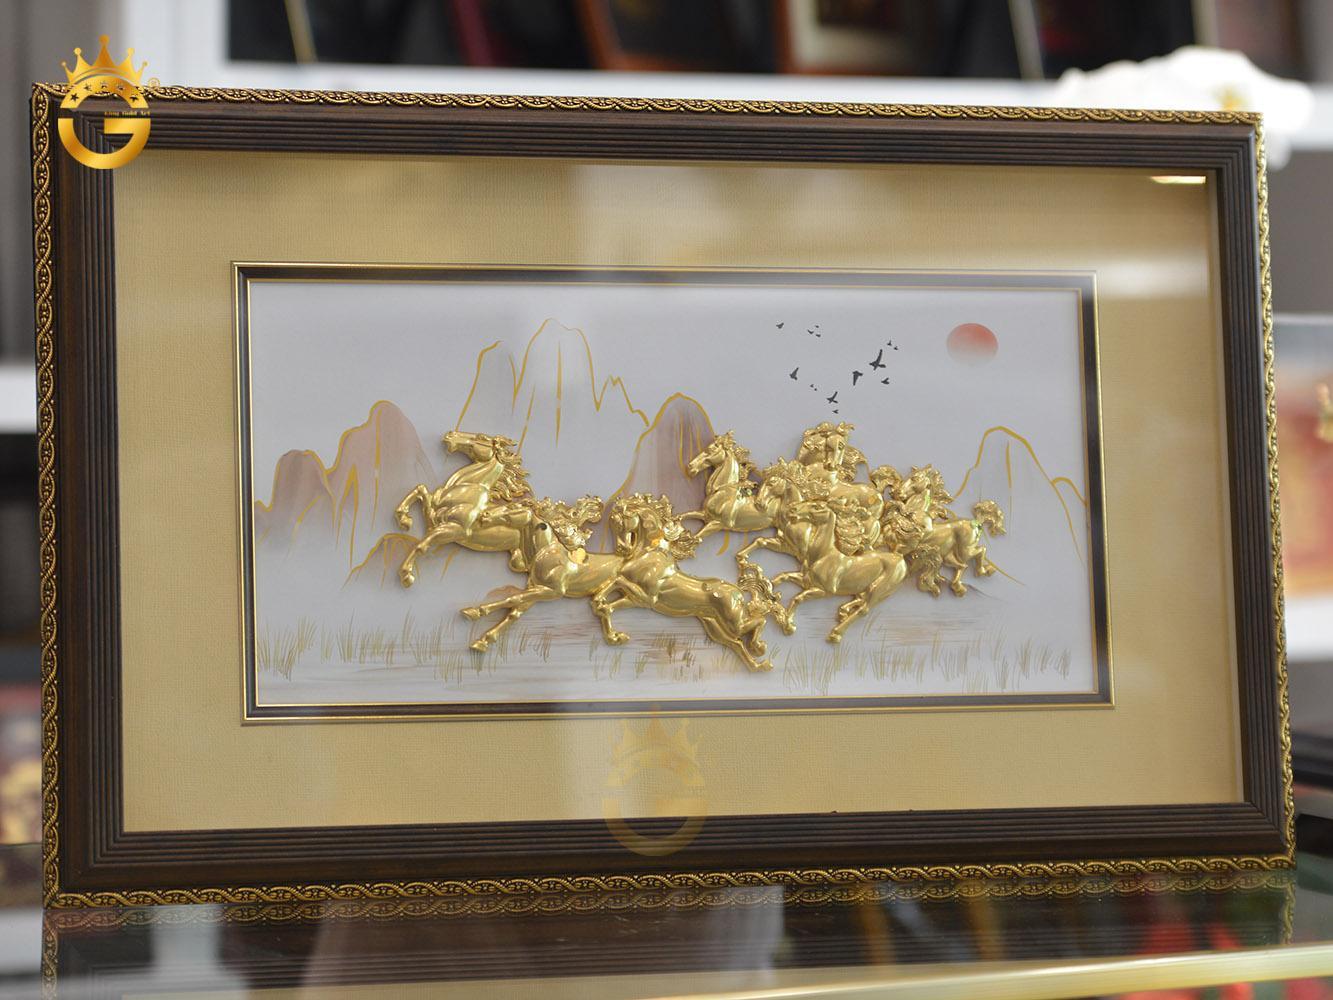 Quà tặng tranh vàng 24k, tranh ngựa dát vàng 24k cao cấp